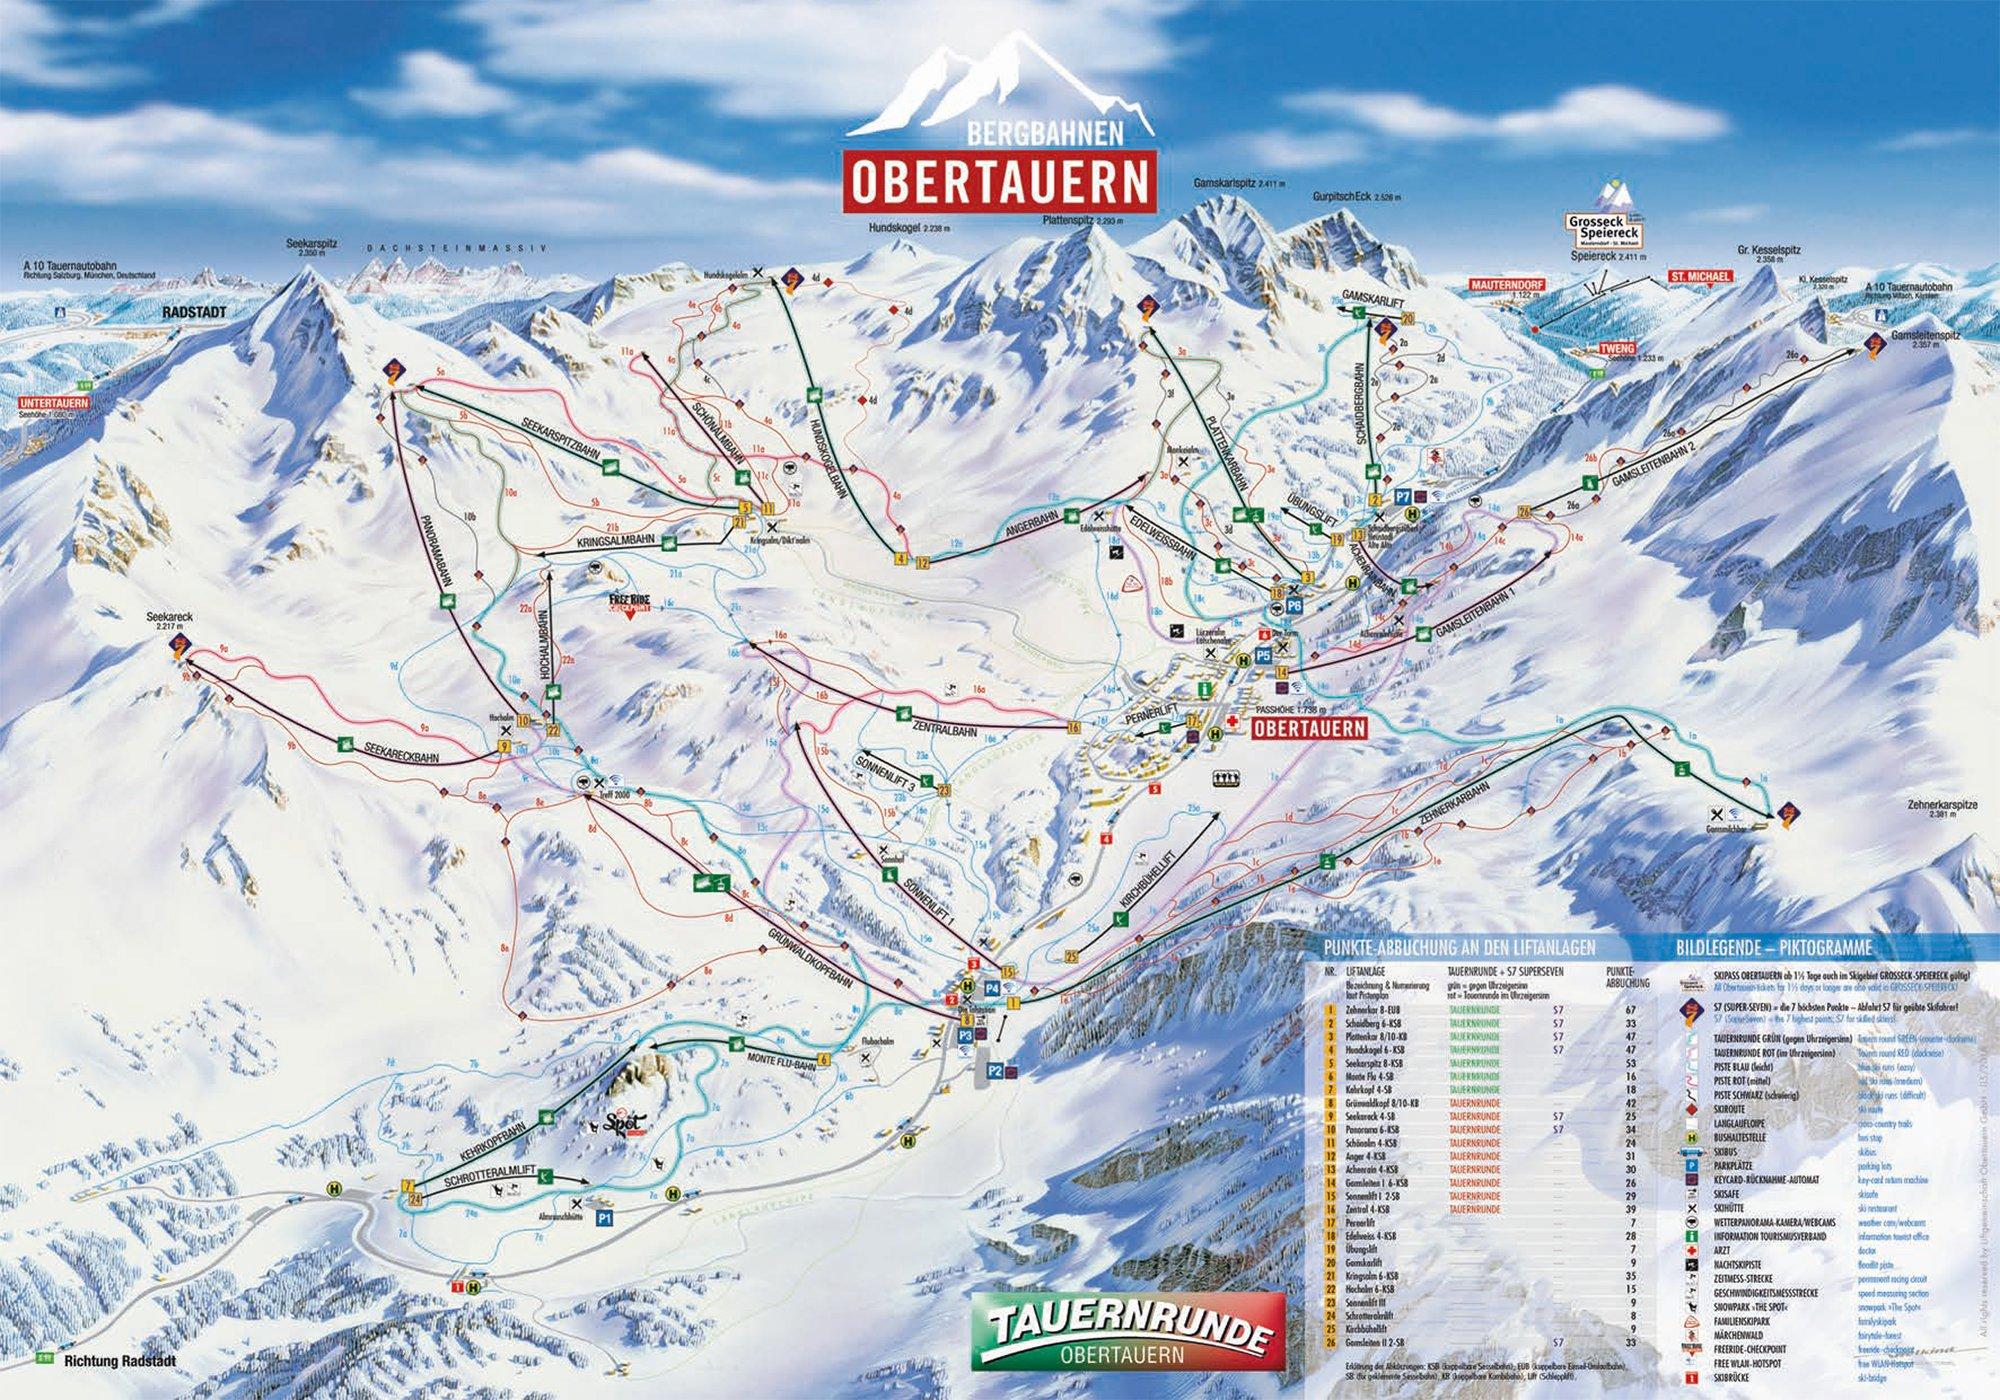 Bergbahnen Obertauern